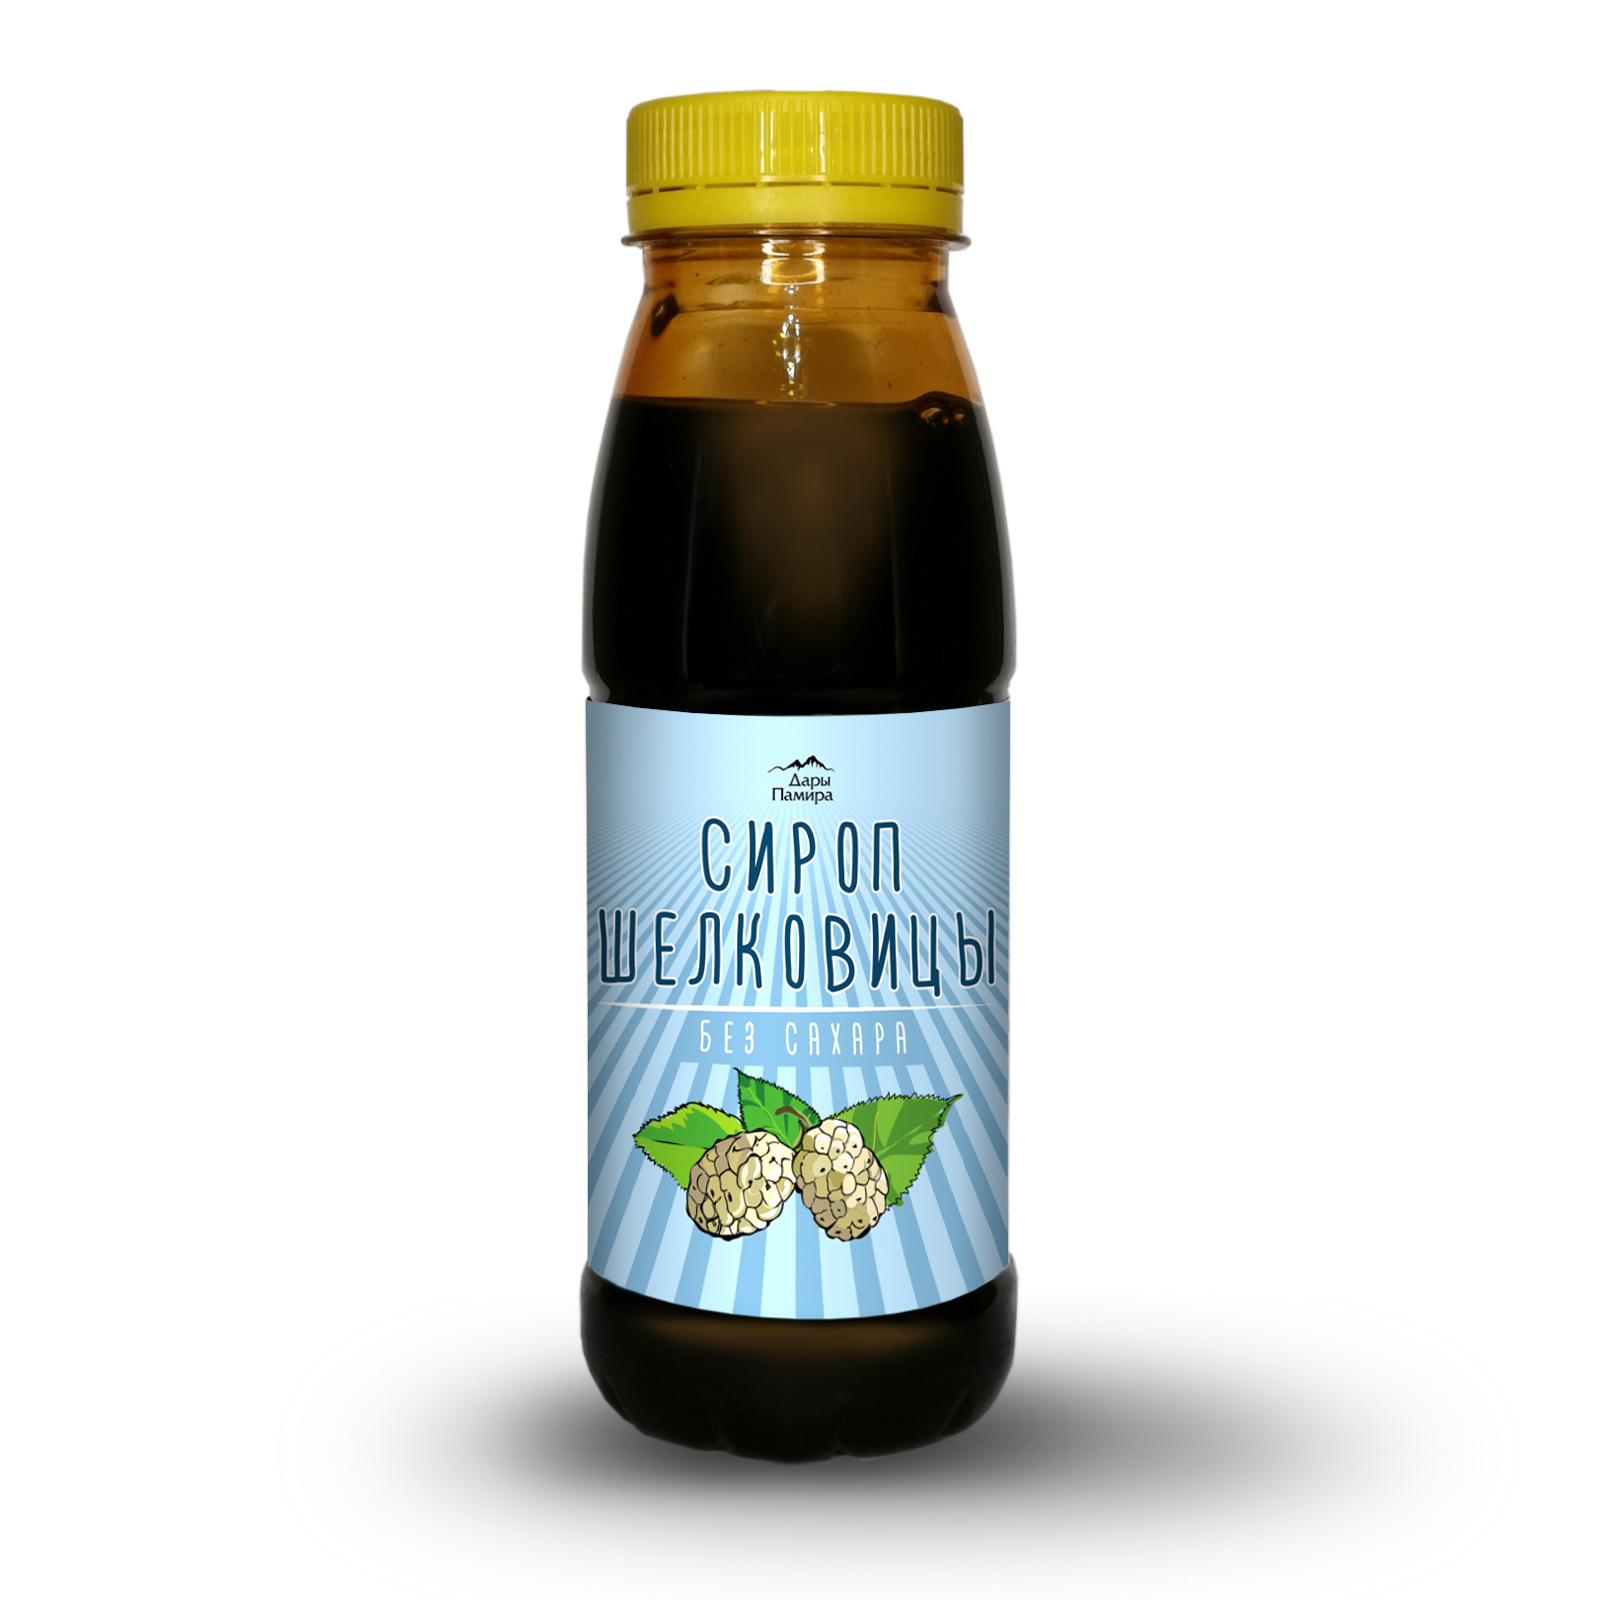 Сироп из шелковицы без сахара 330 гр. - купить в интернет-магазине Эко Дары